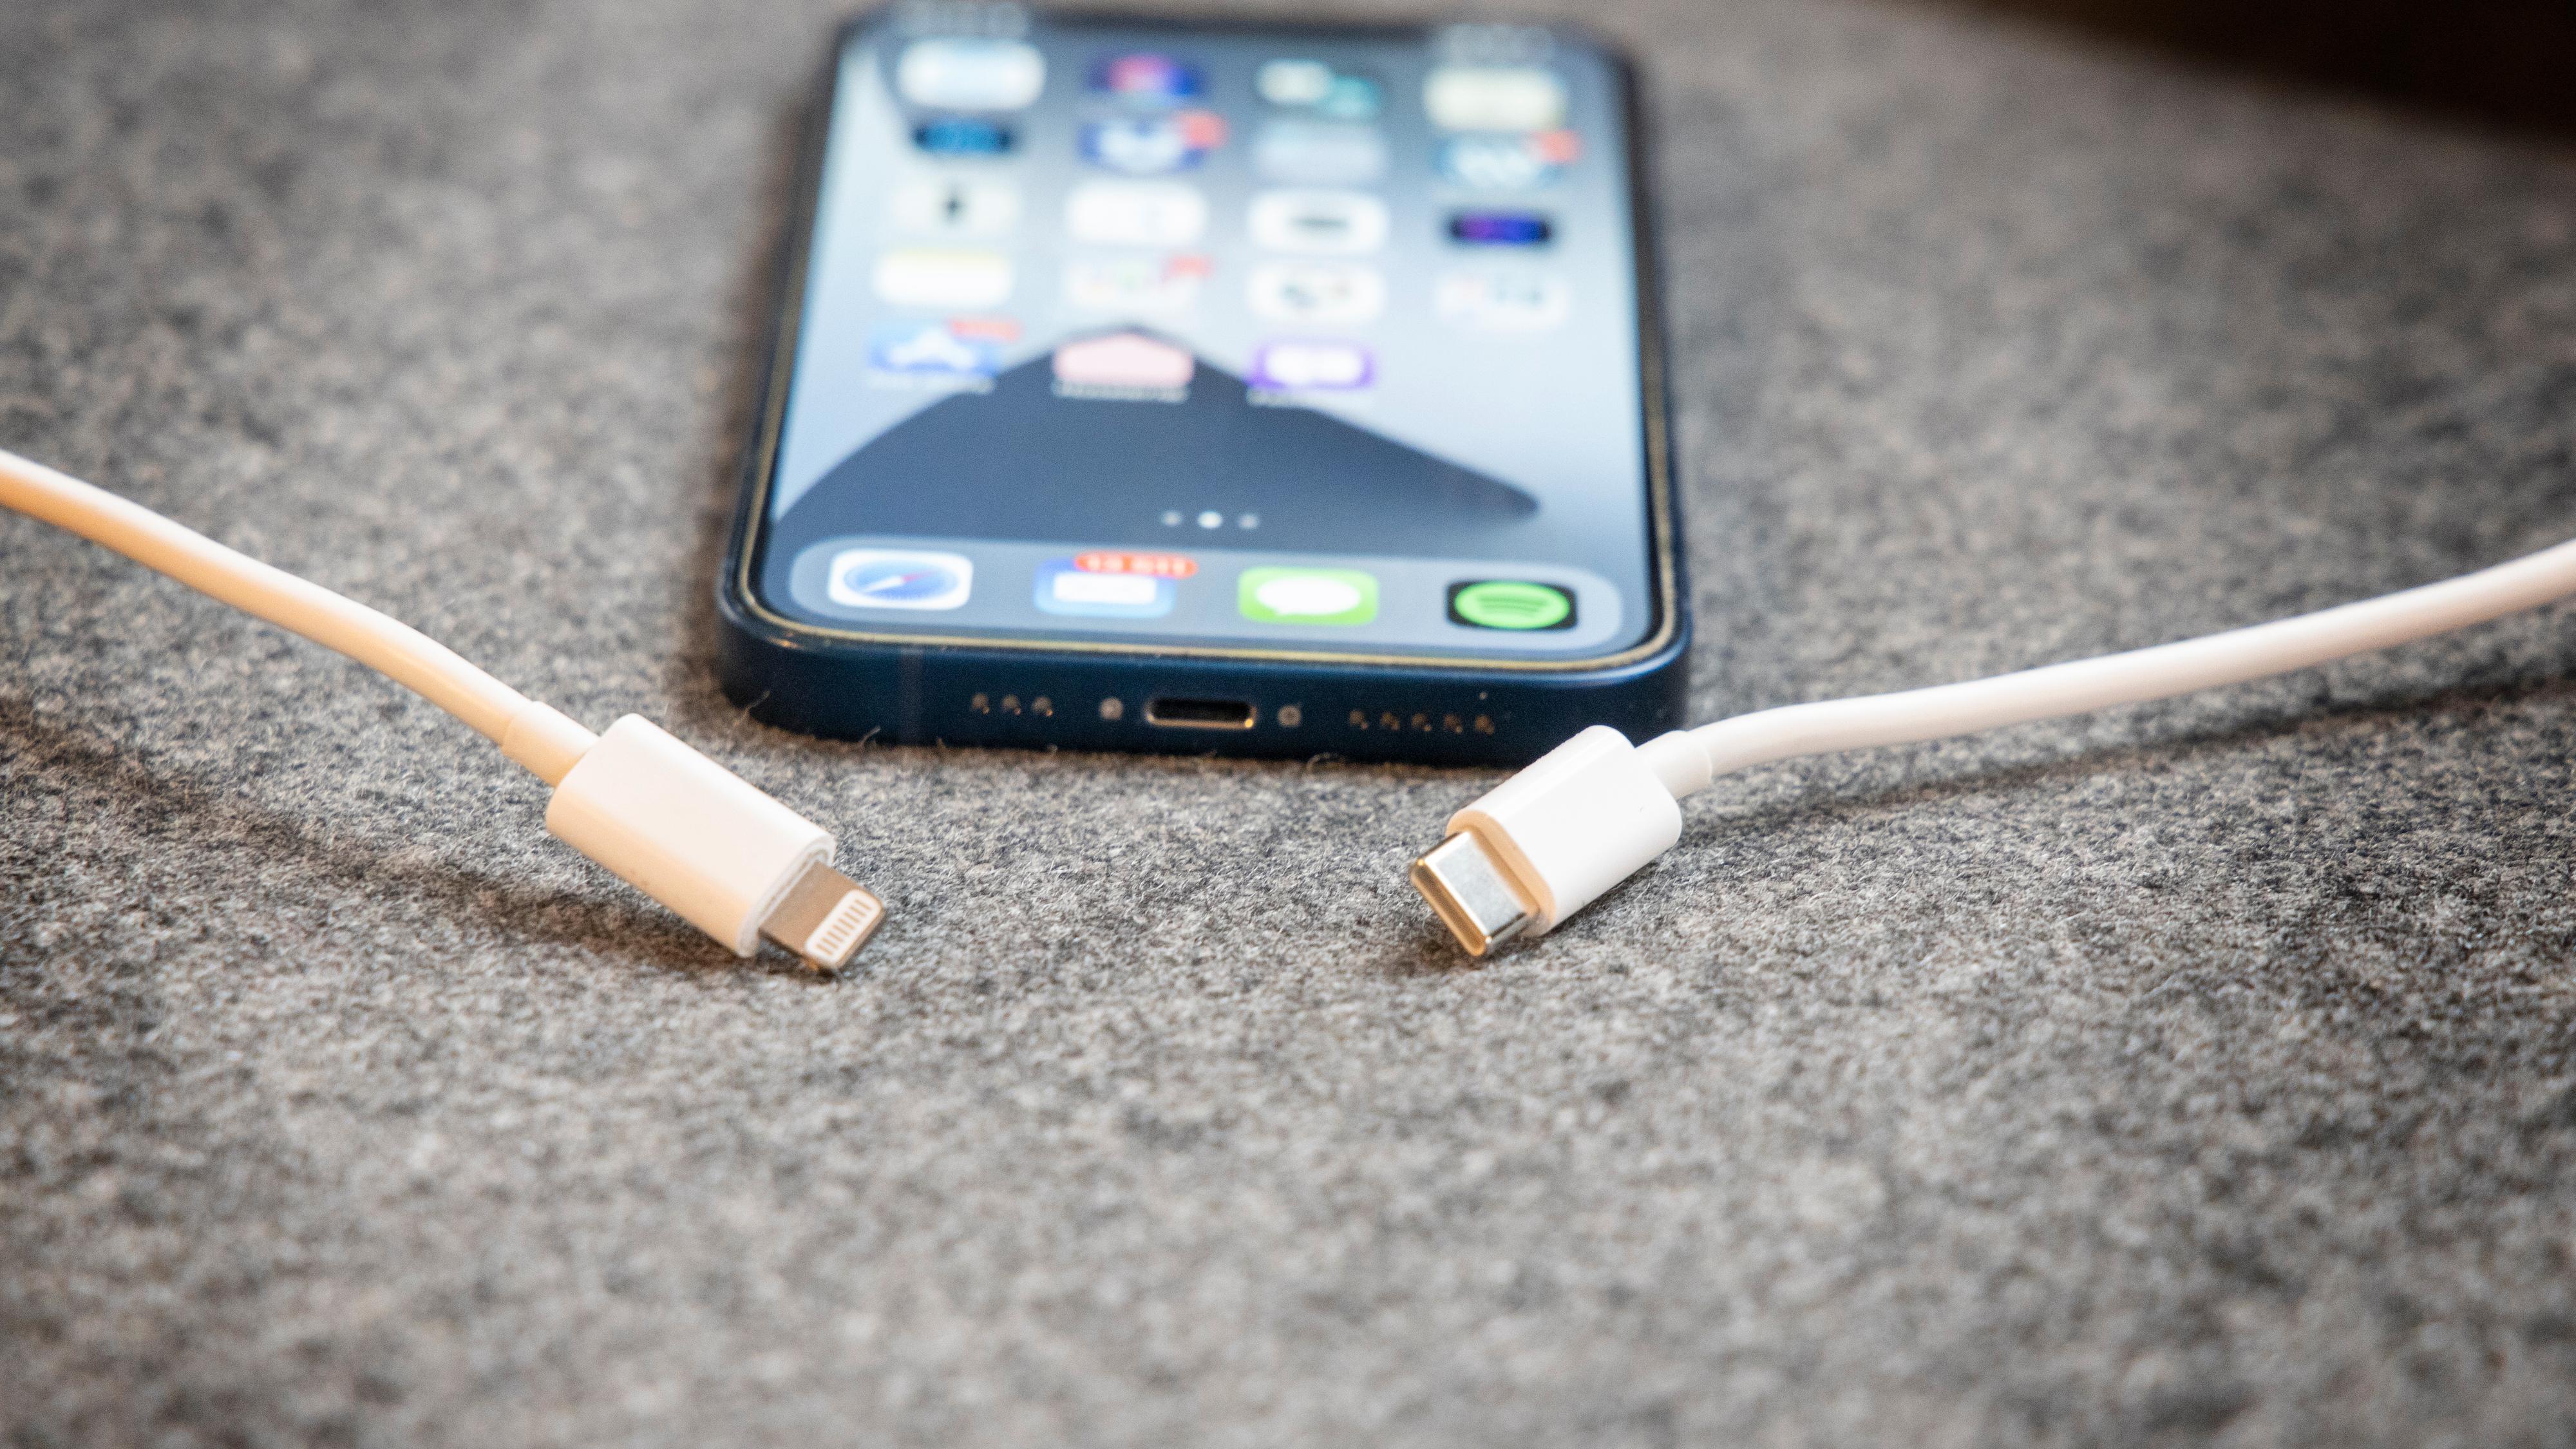 Skal Apple få fortsette med Lightning-tilkoblingen på iPhone? Nei, mener EU-kommisjonen.